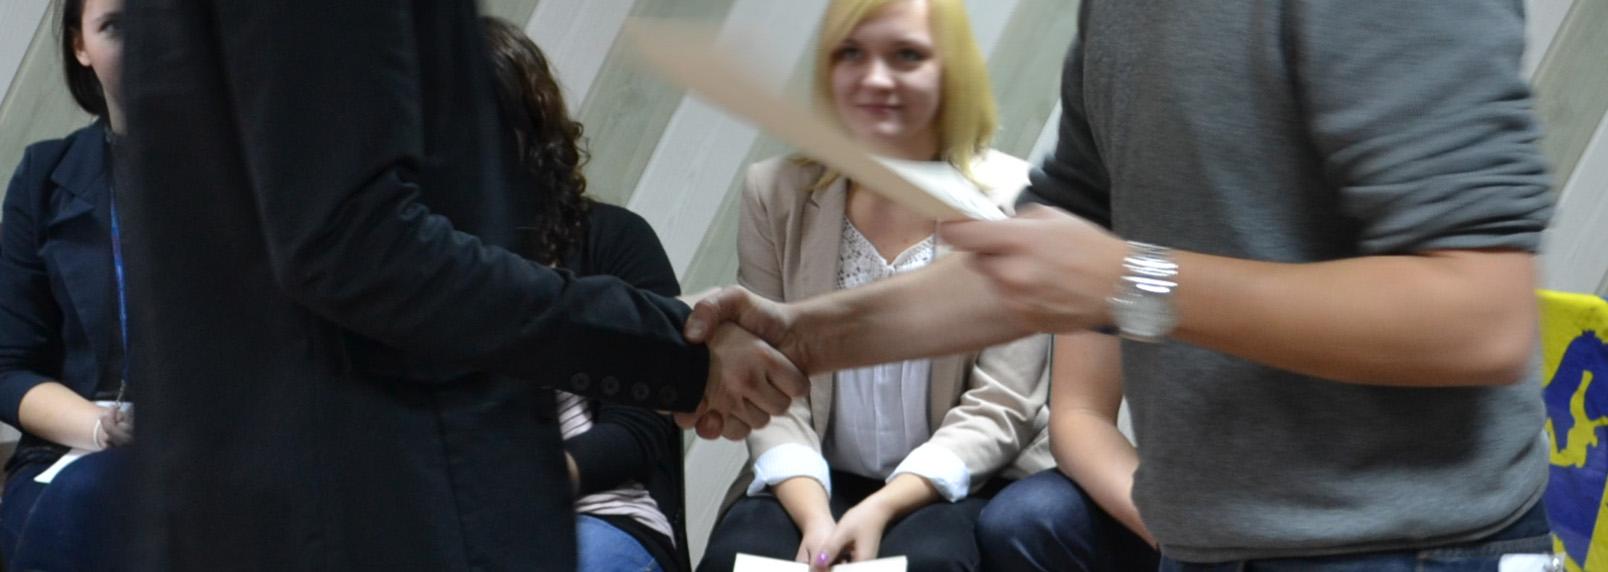 Jak być bardziej pewnym siebie - uścisk dłoni